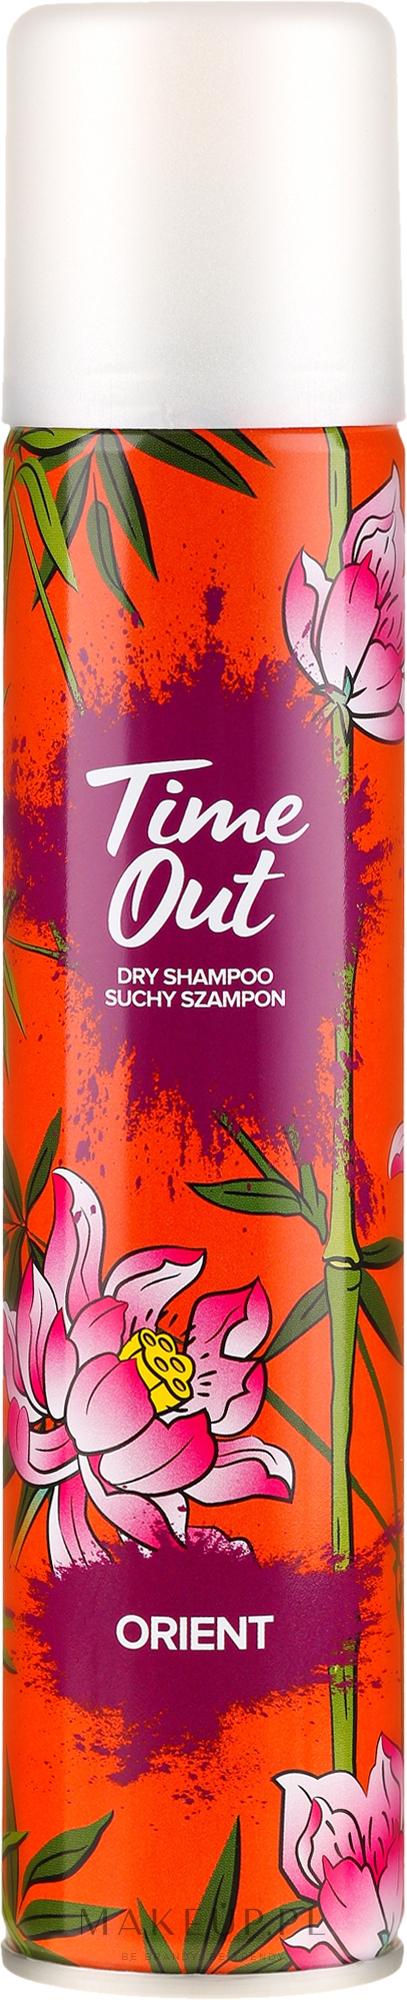 Suchy szampon do włosów Orientalny - Time Out Orient — фото 200 ml